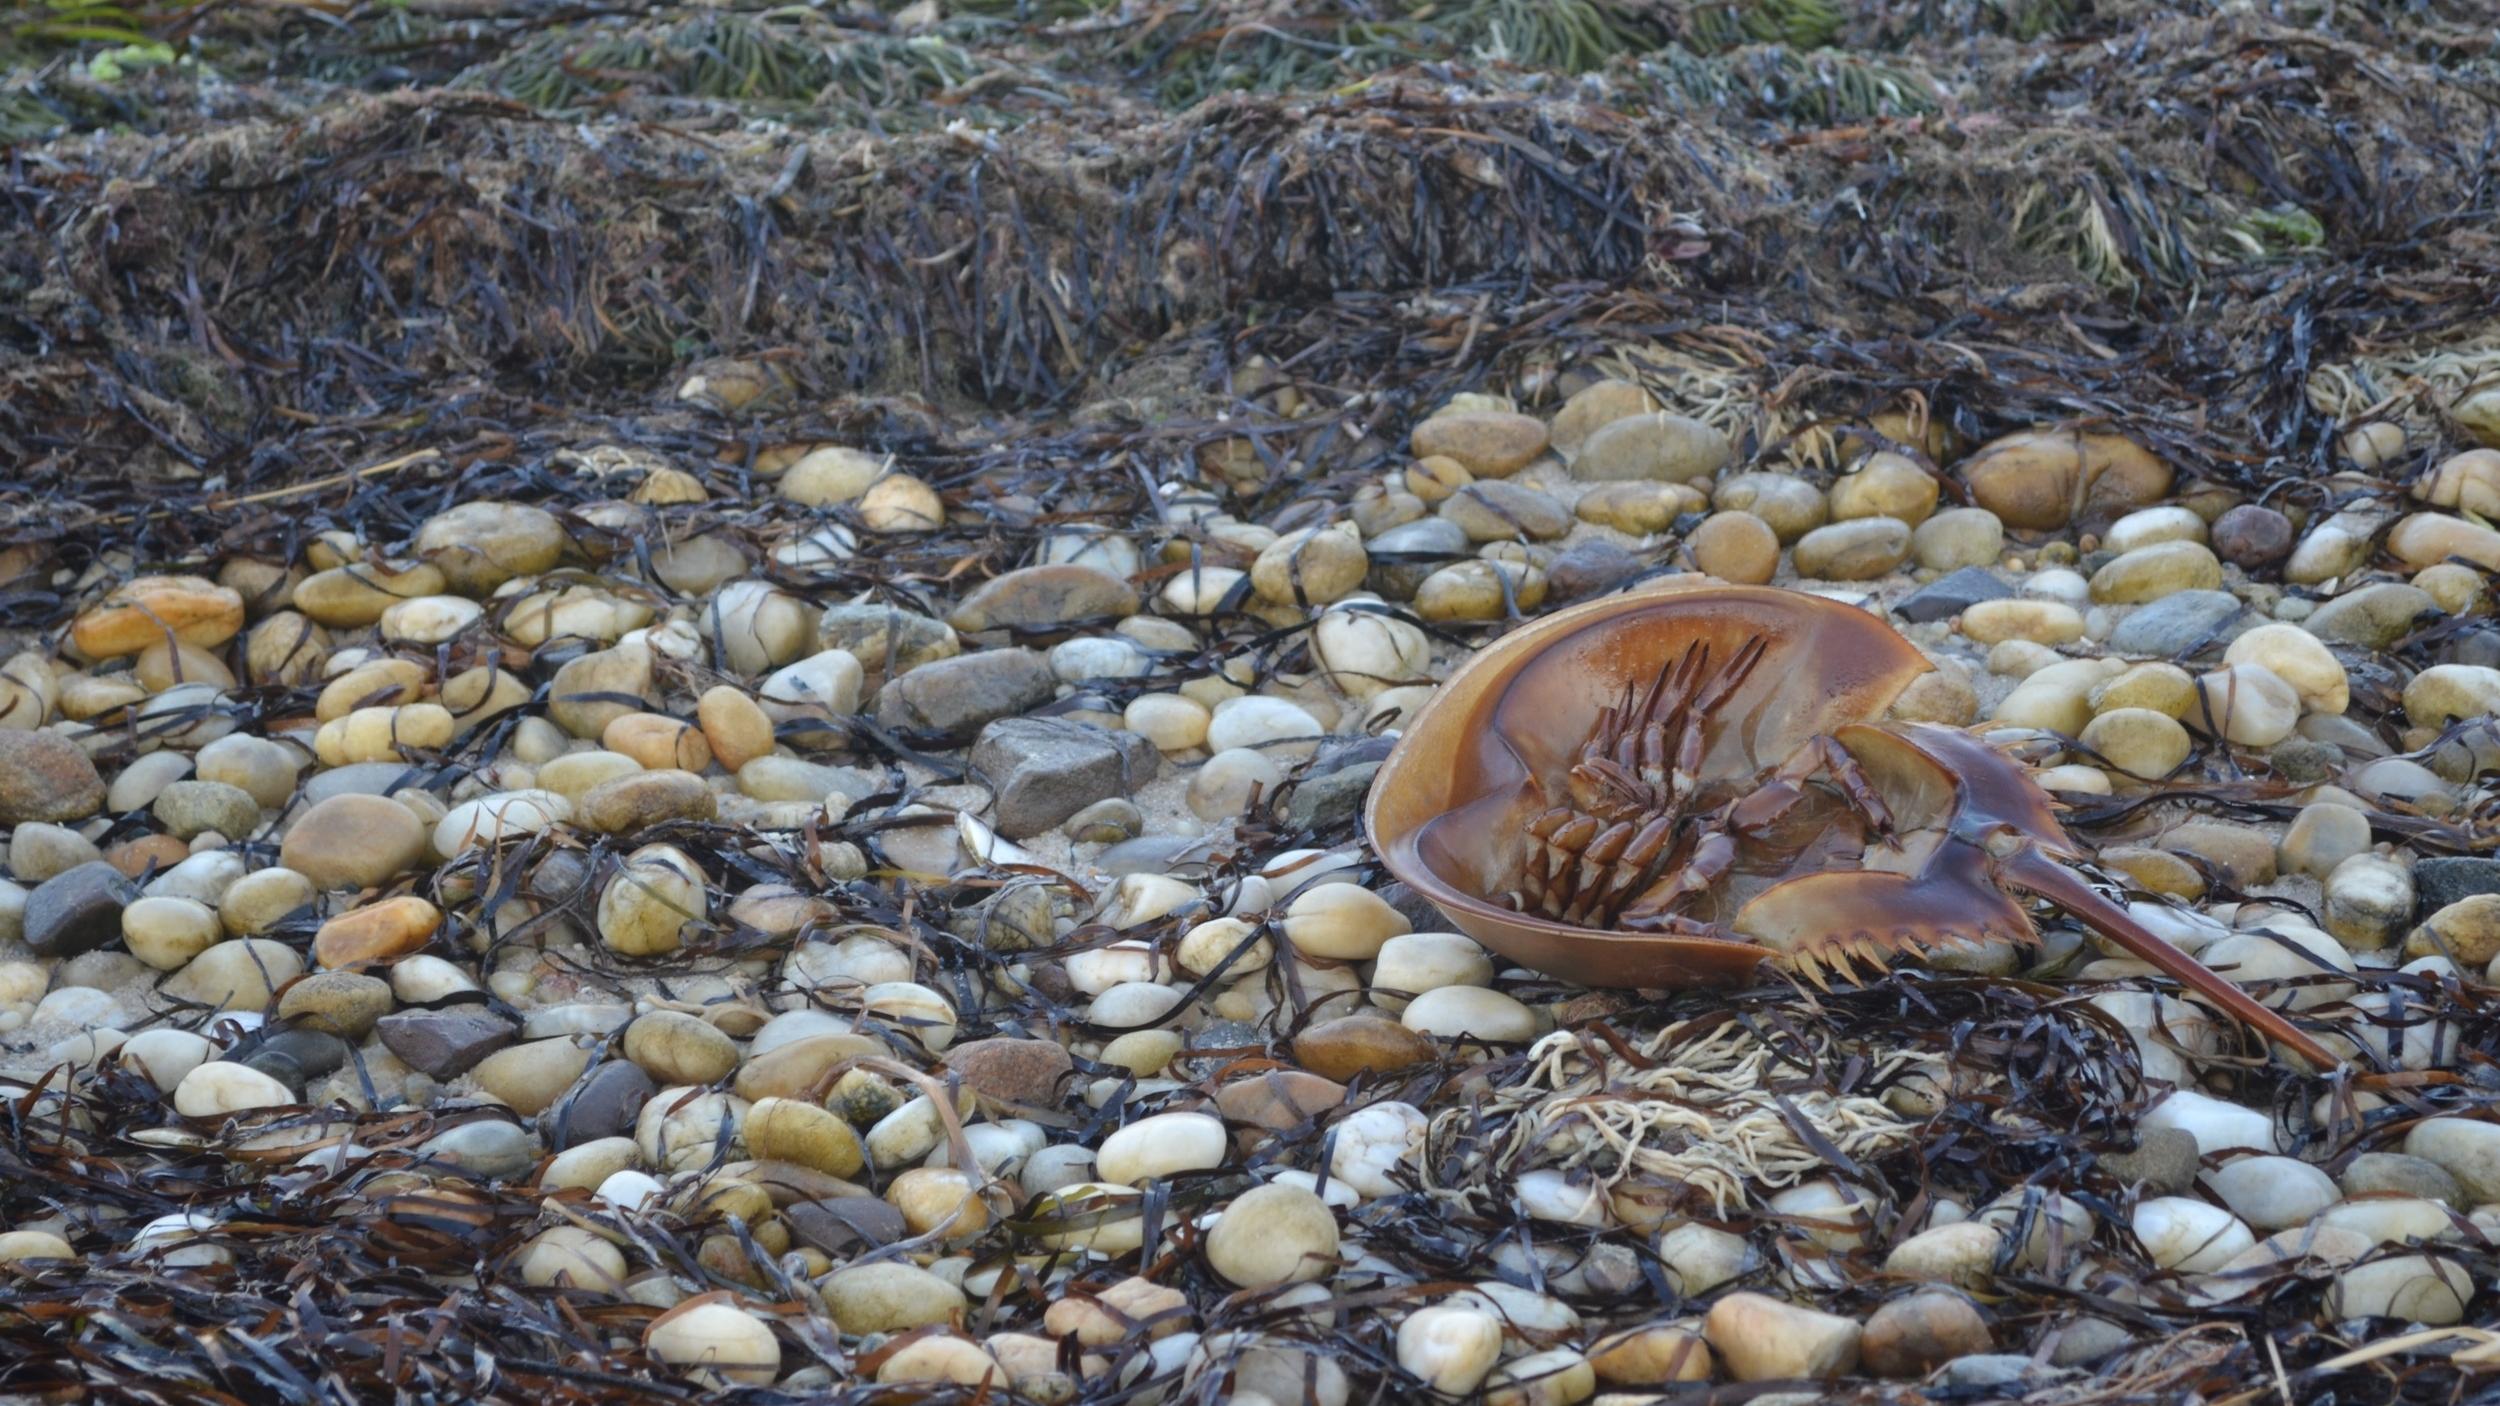 Horseshoe Crab Monitoring